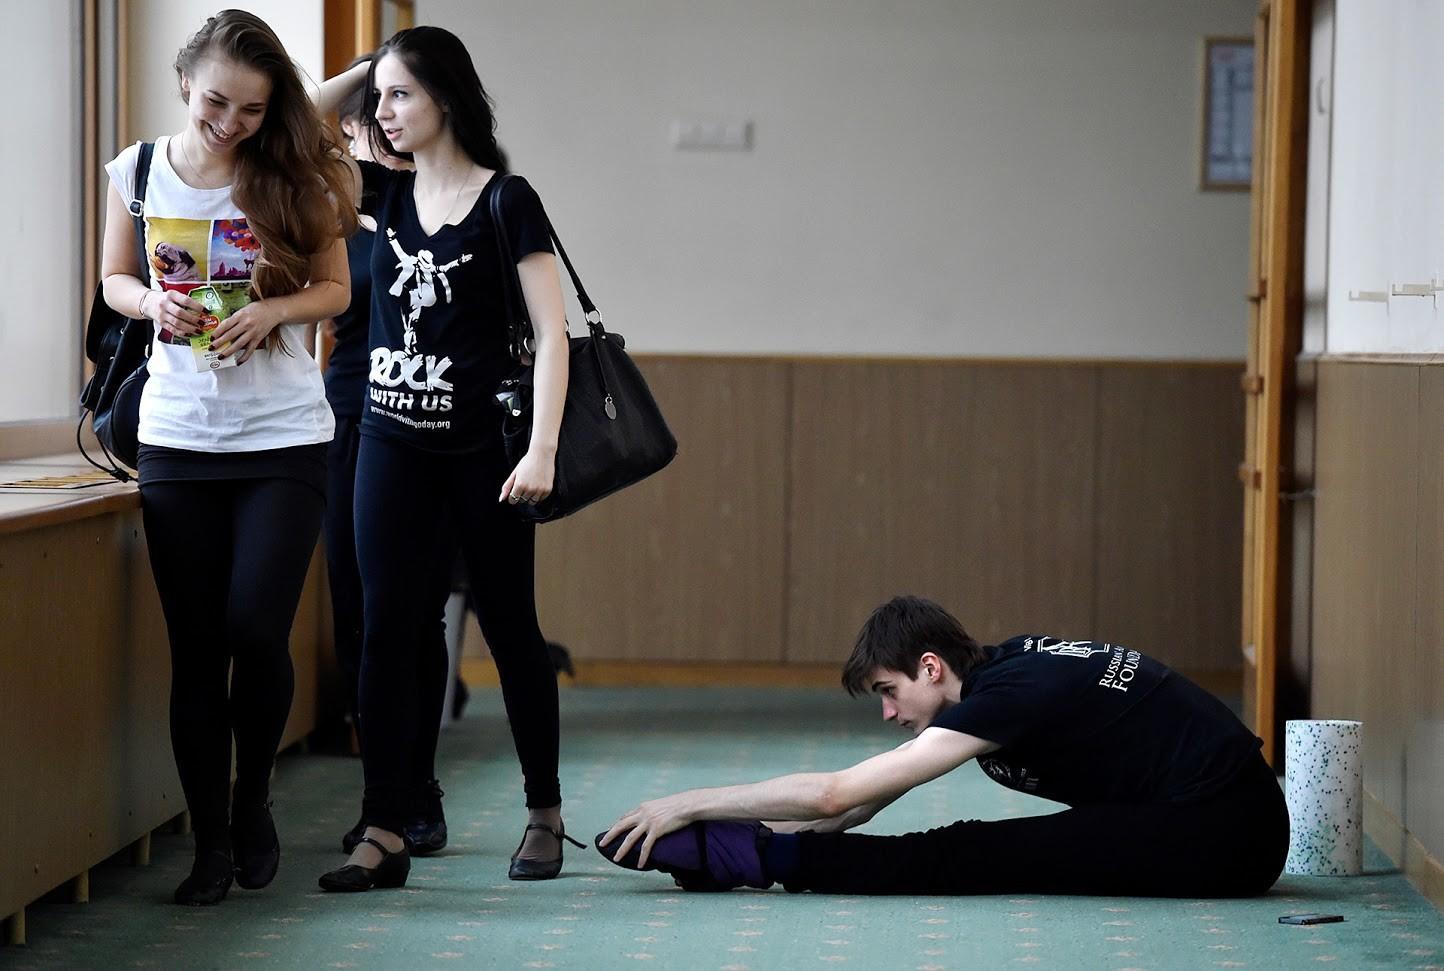 Ученик се разтяга в коридора на Академията на Болшой театър.